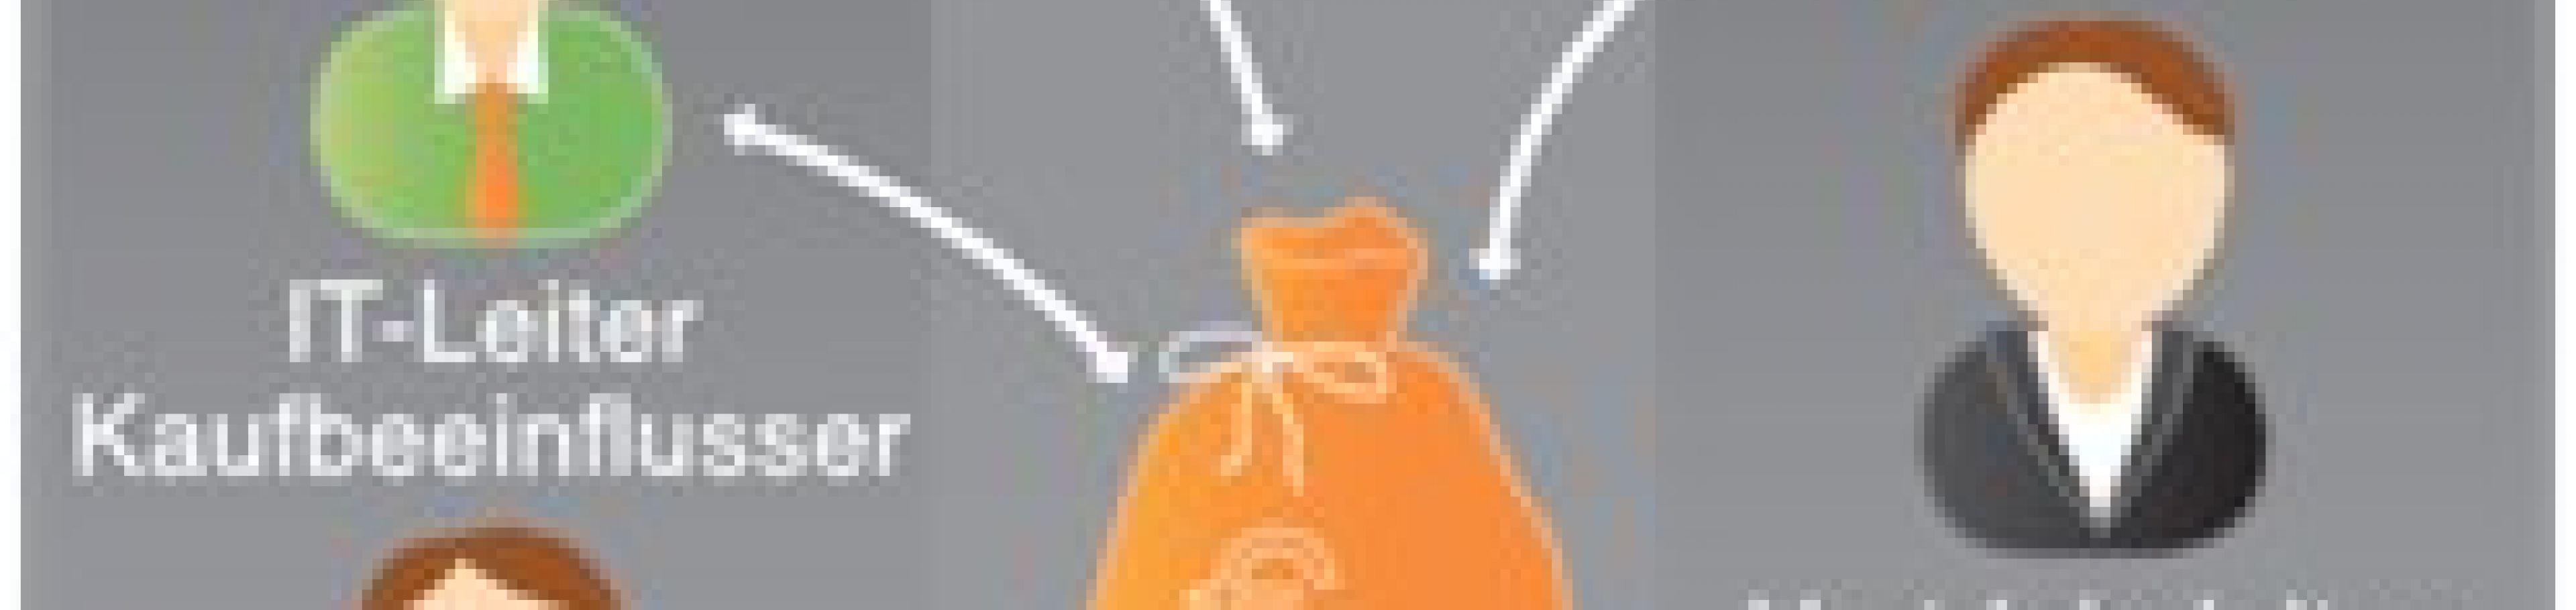 xRM - Abbildung komplexer Beziehungsgeflechte im Solution Selling